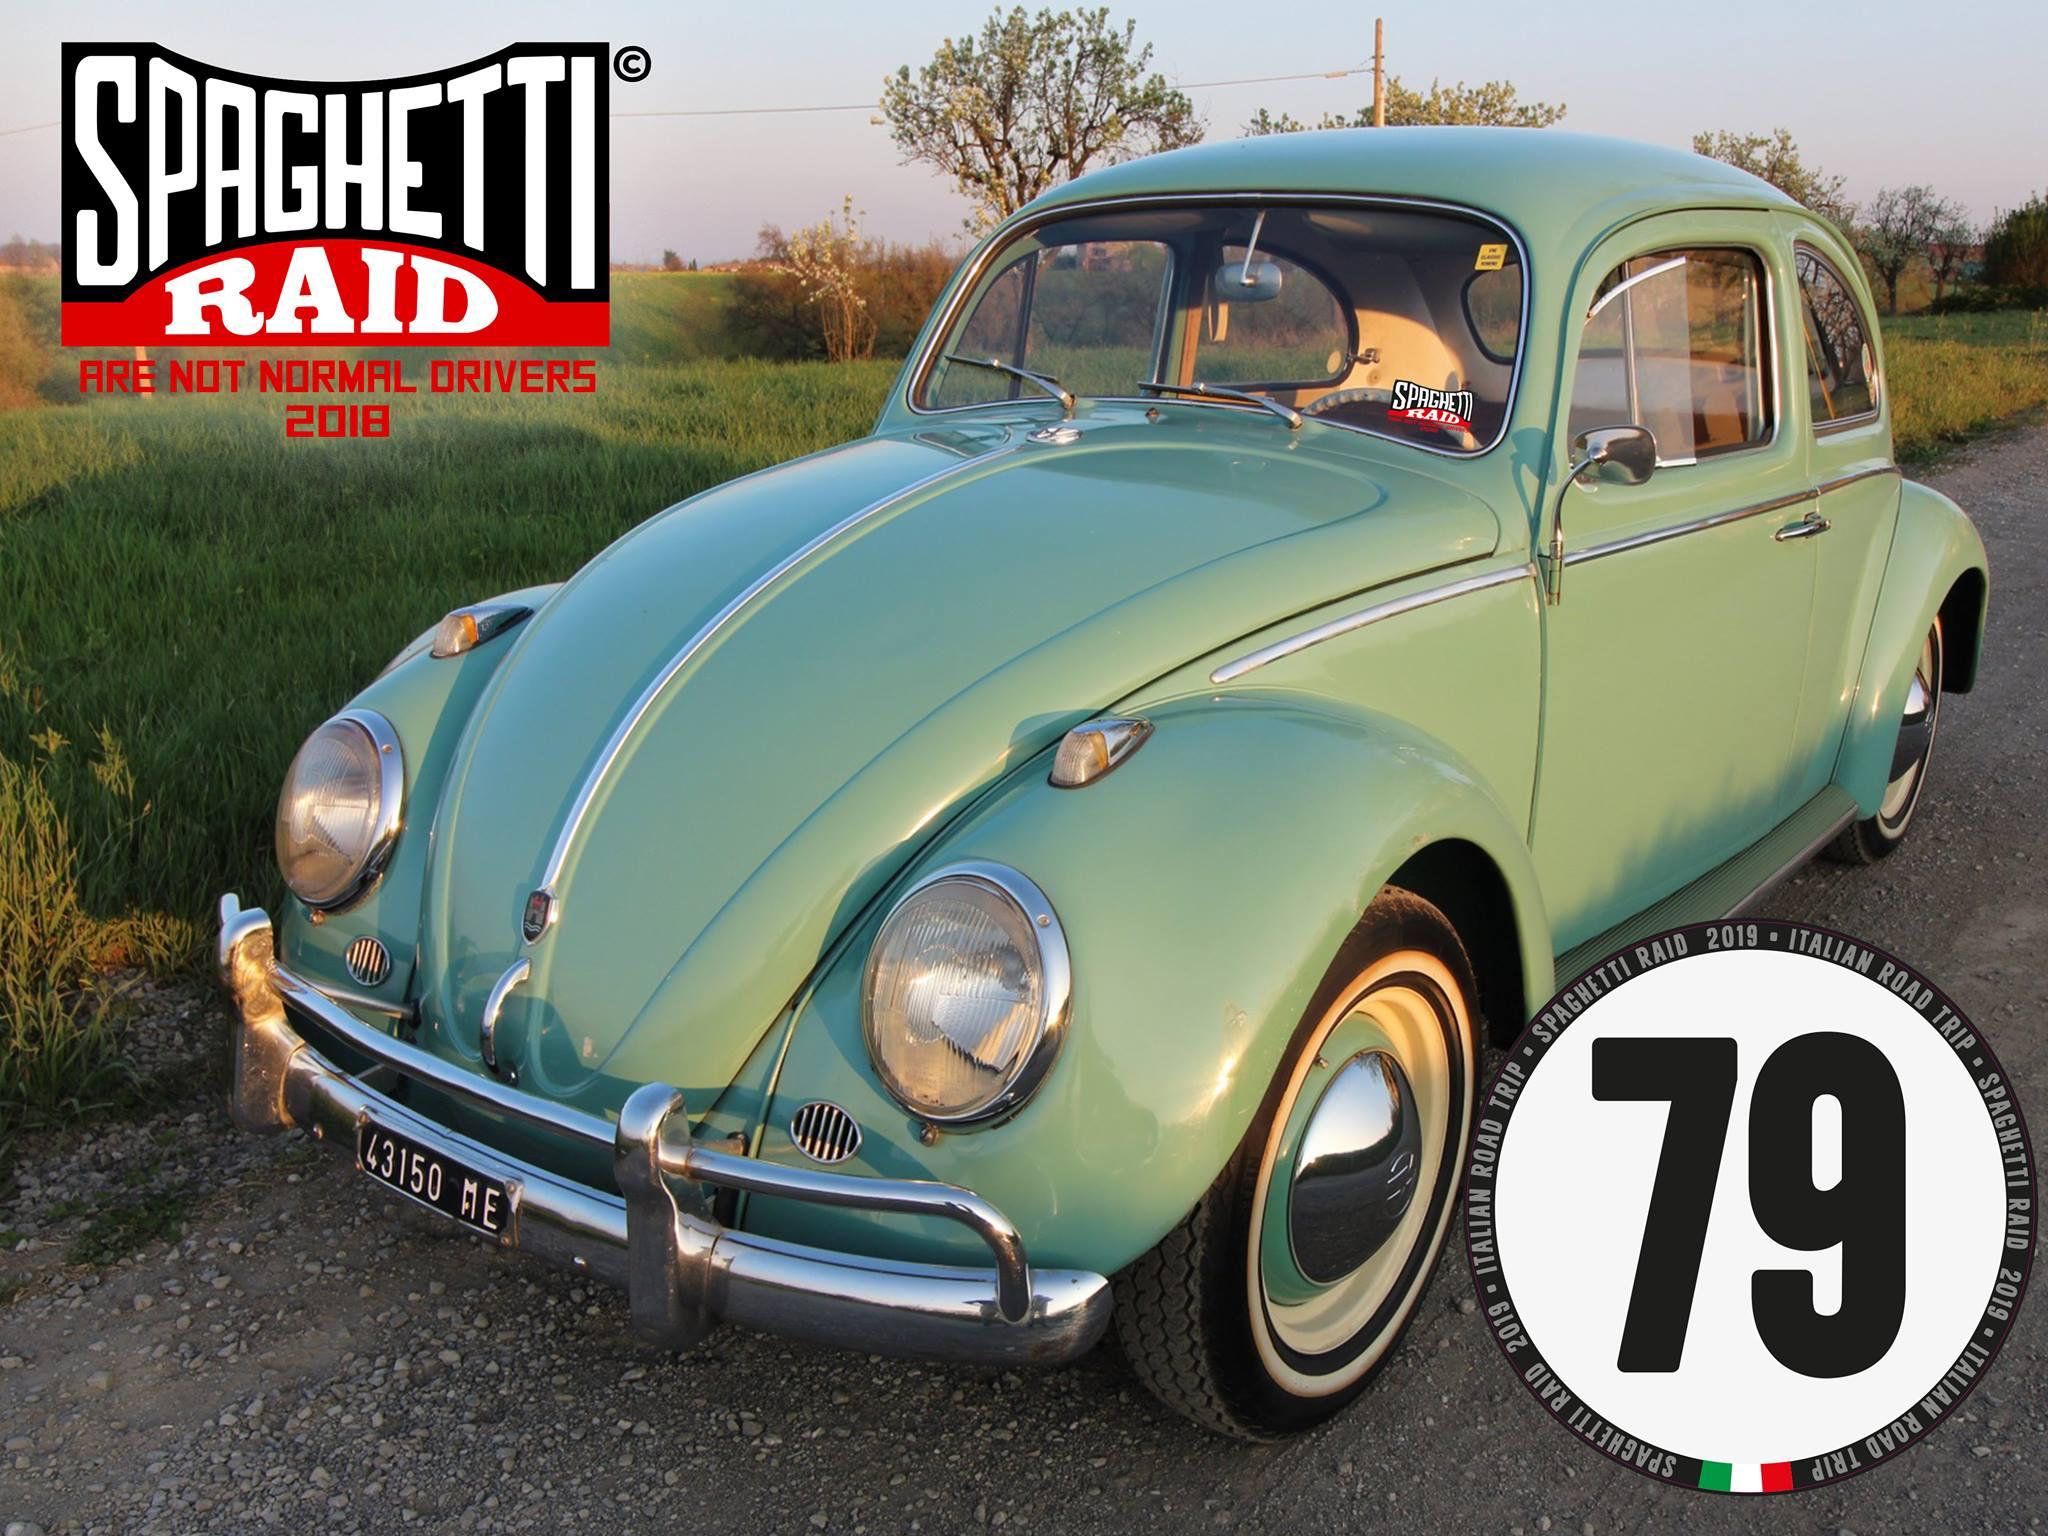 Team: SOL CA' TURNAM A CA #79 VW MAGGIOLINO 1200cc del '82 Città: Maranello MO